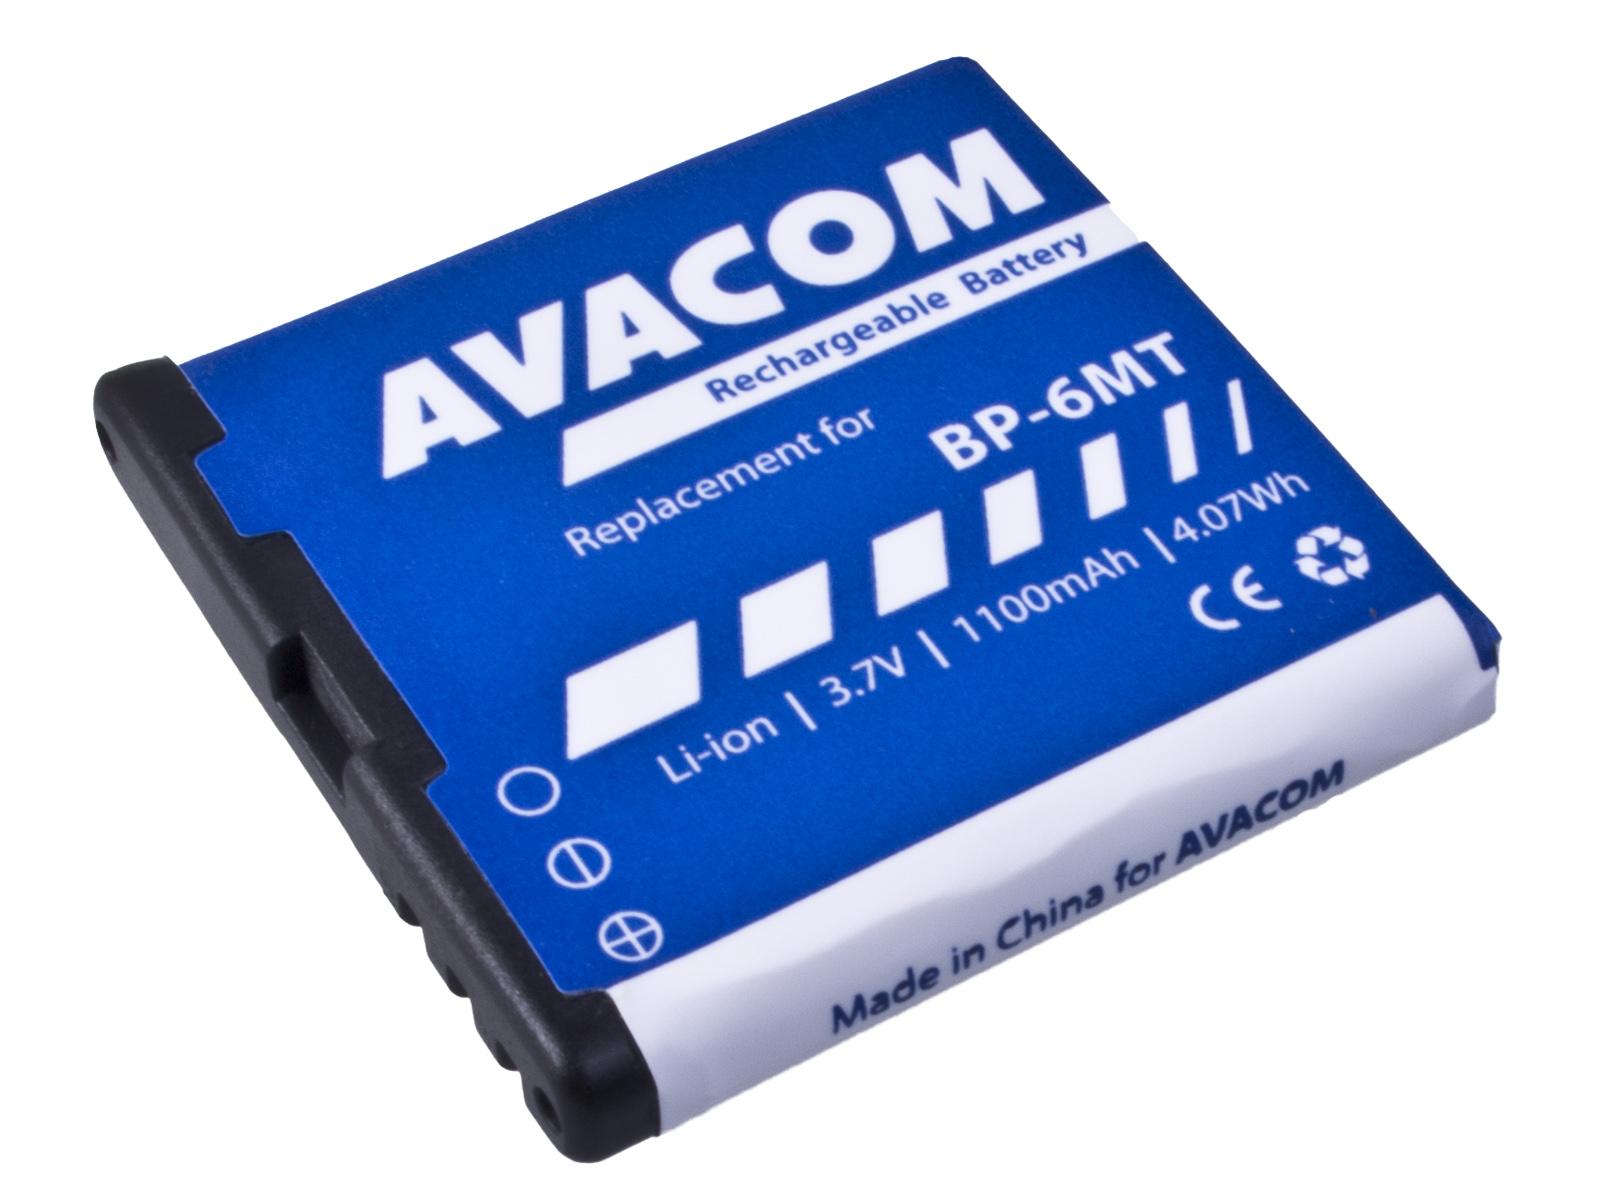 Náhradní baterie AVACOM Baterie do mobilu Nokia E51, N81, N81 8GB, N82, Li-Ion 3,6V 1100mAh (náh